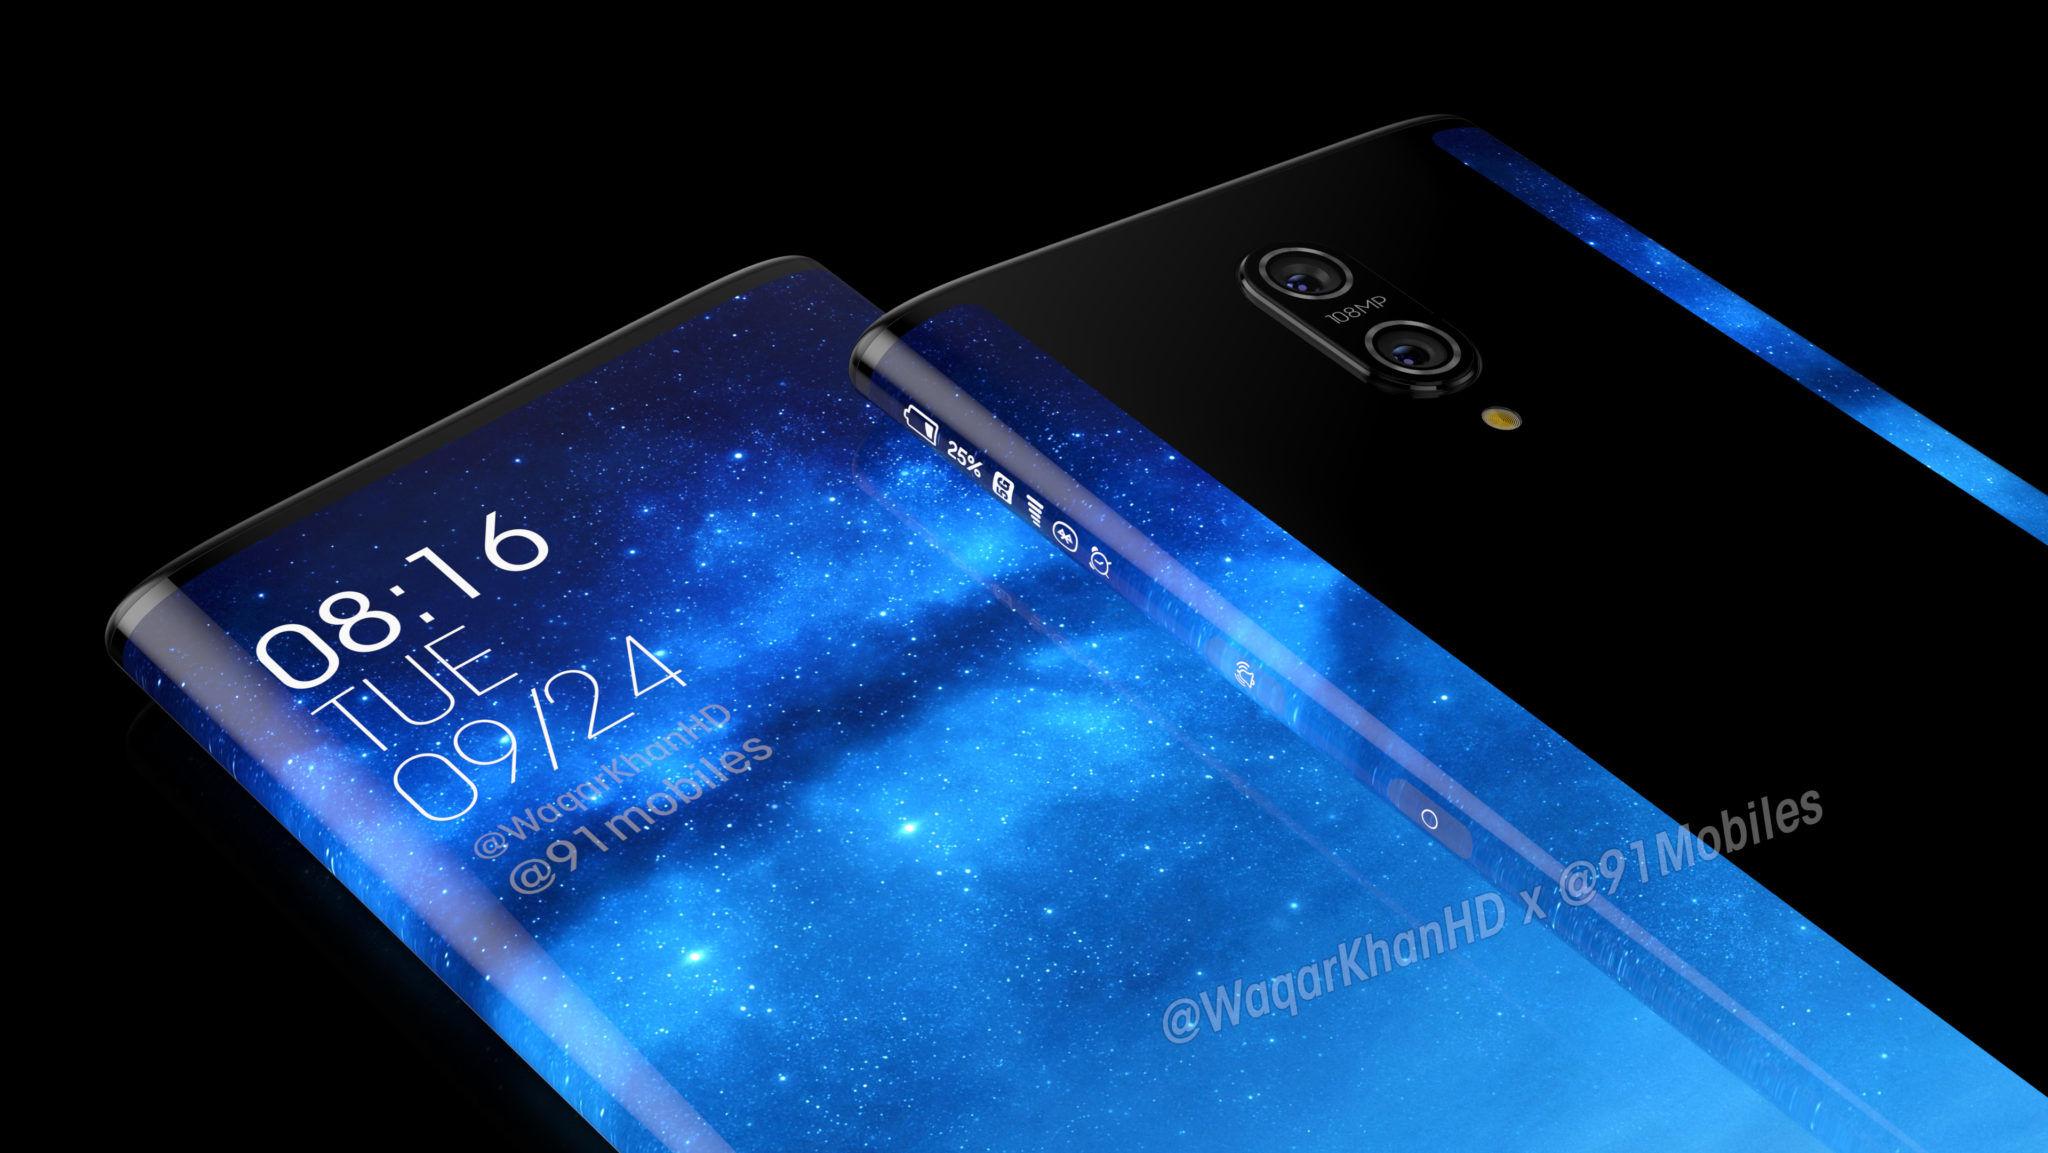 Nadchodzi pierwszy smartfon Xiaomi z 16 GB RAM